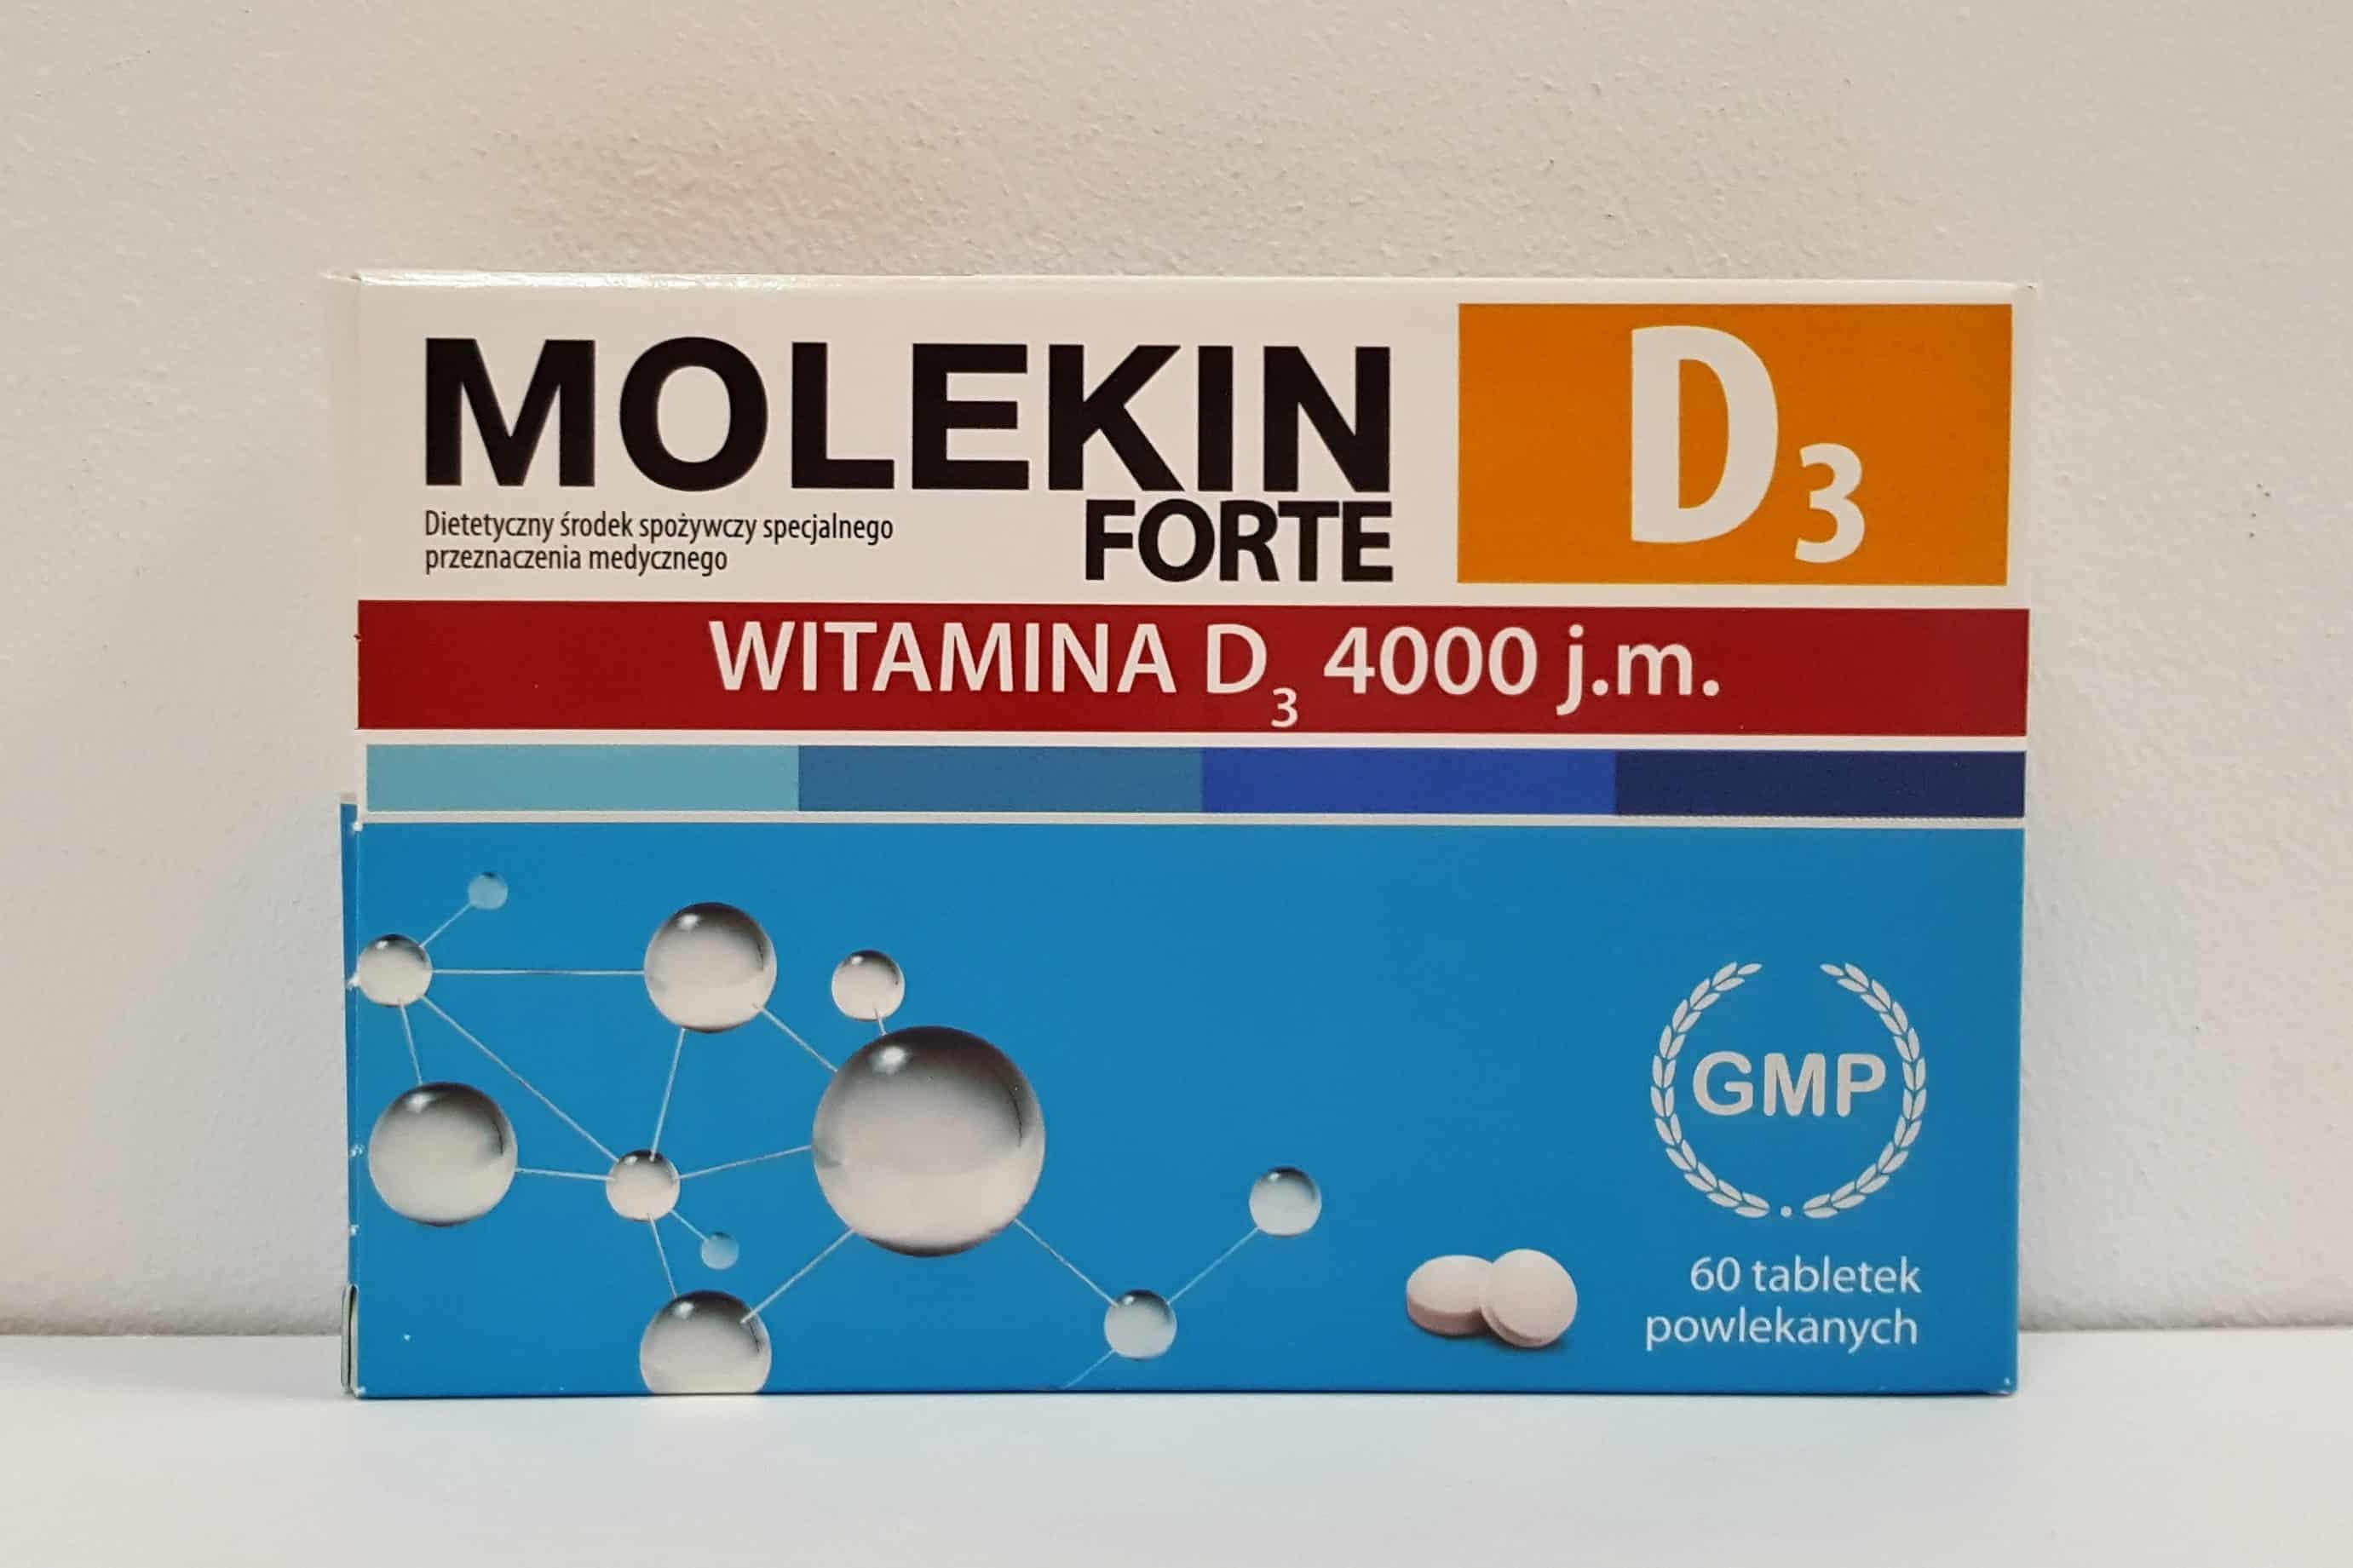 Molekin forte D3, witamina D 4000 j.m. tabletki dla dorosłych Matka Aptekarka